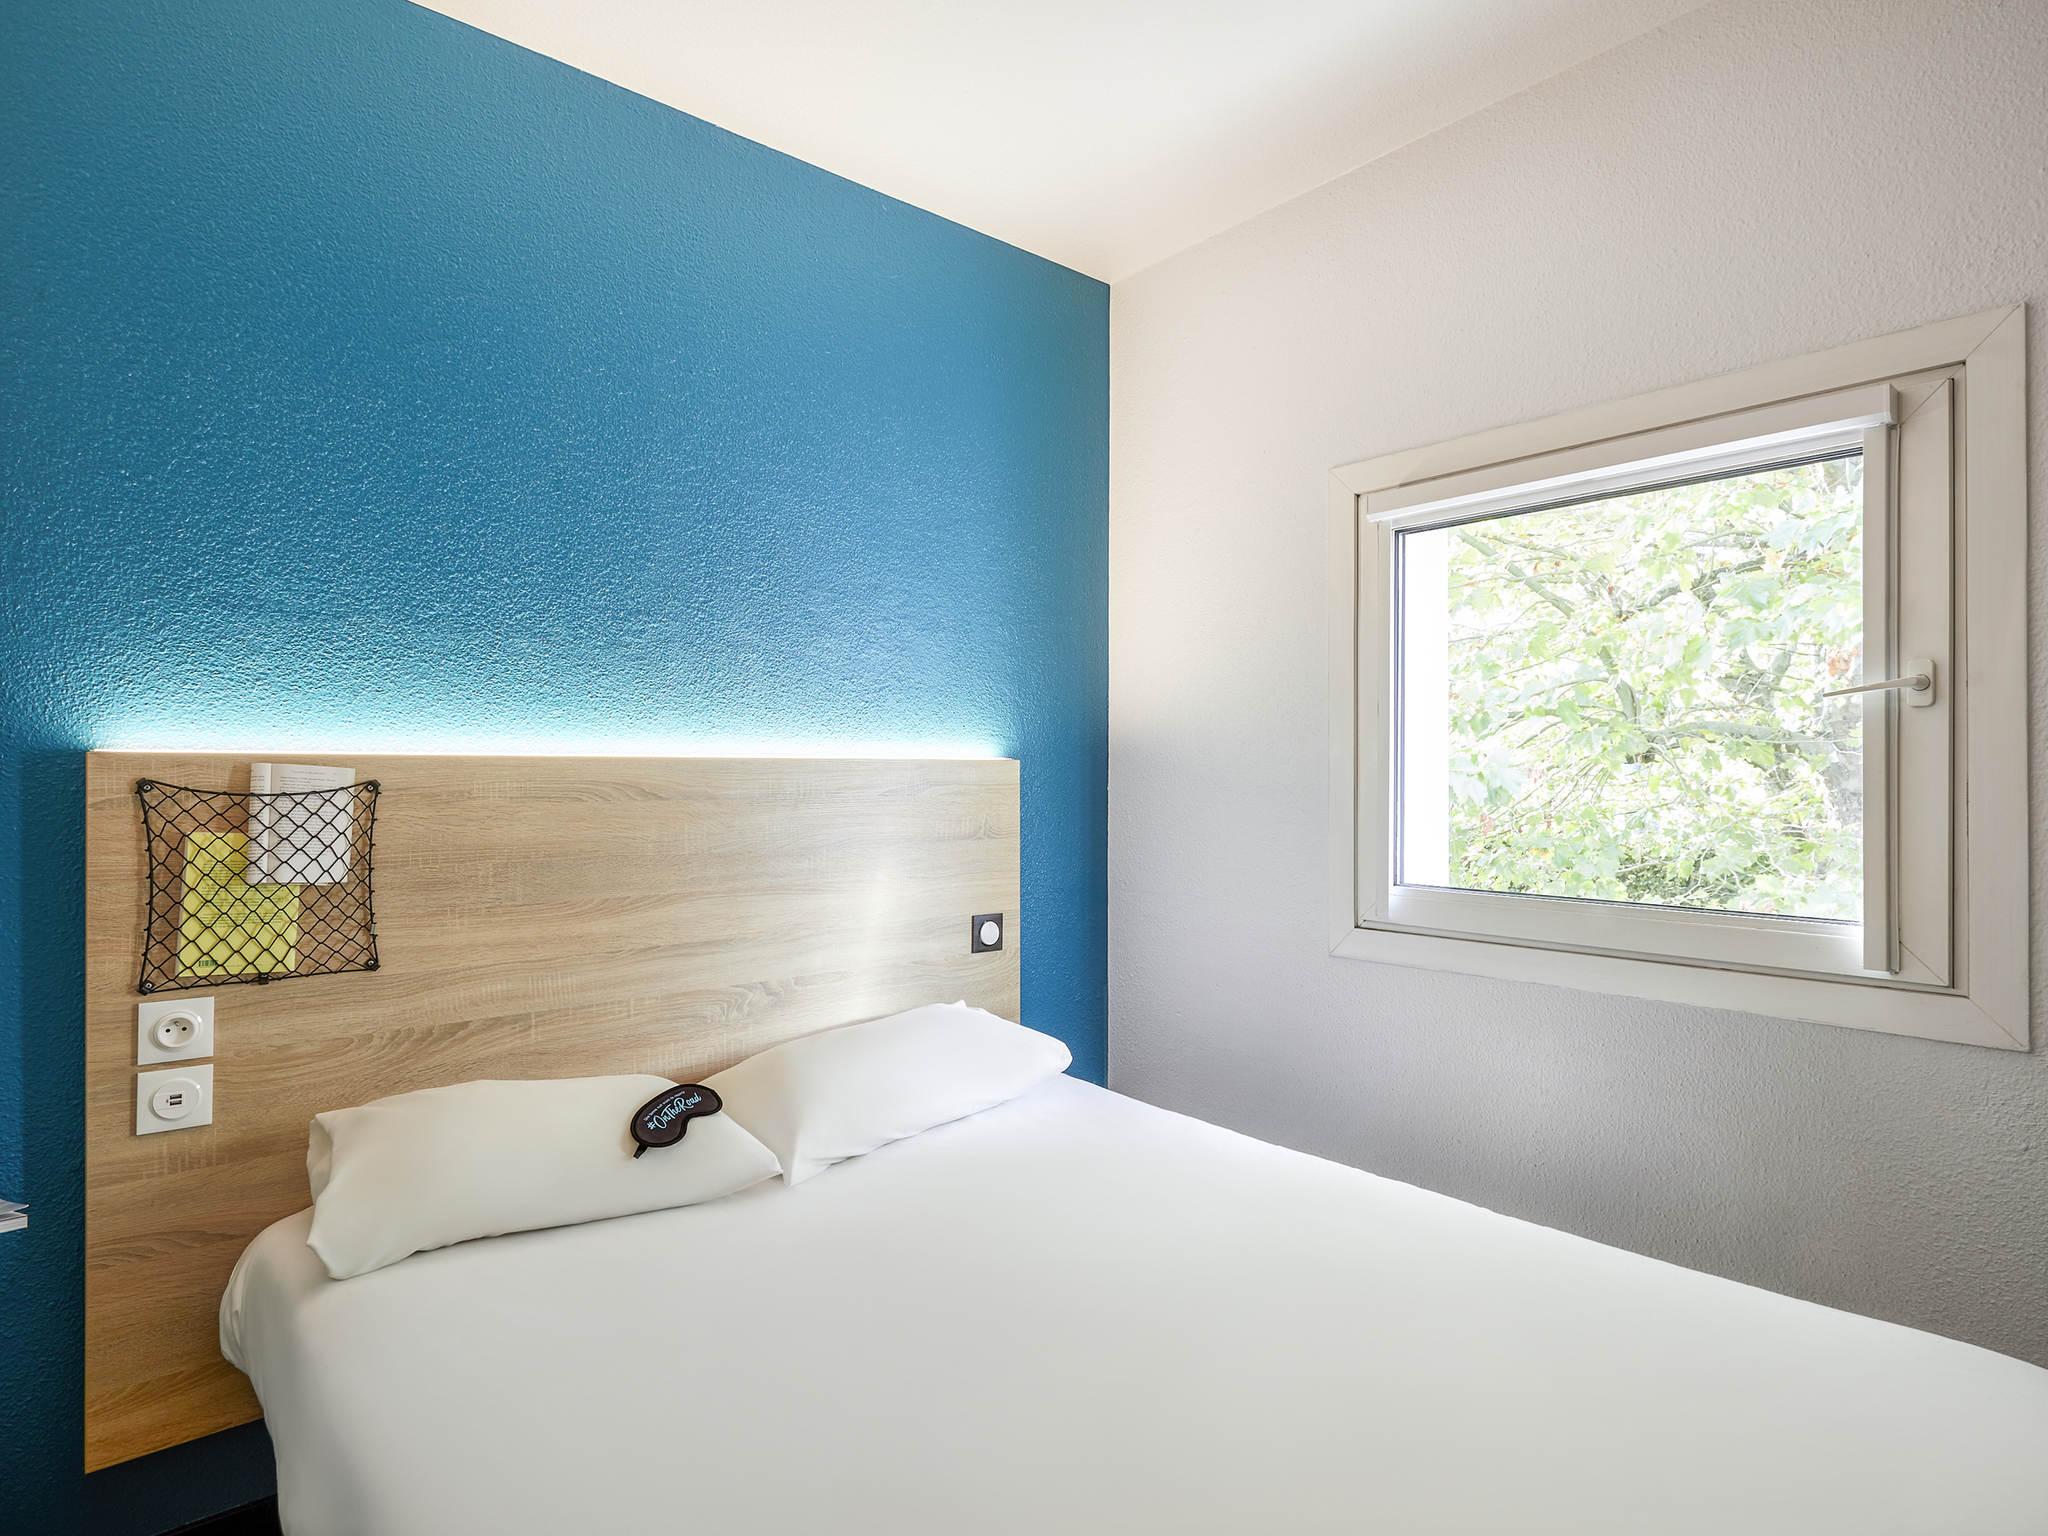 Hotel – hotelF1 Lille Villeneuve d'Ascq